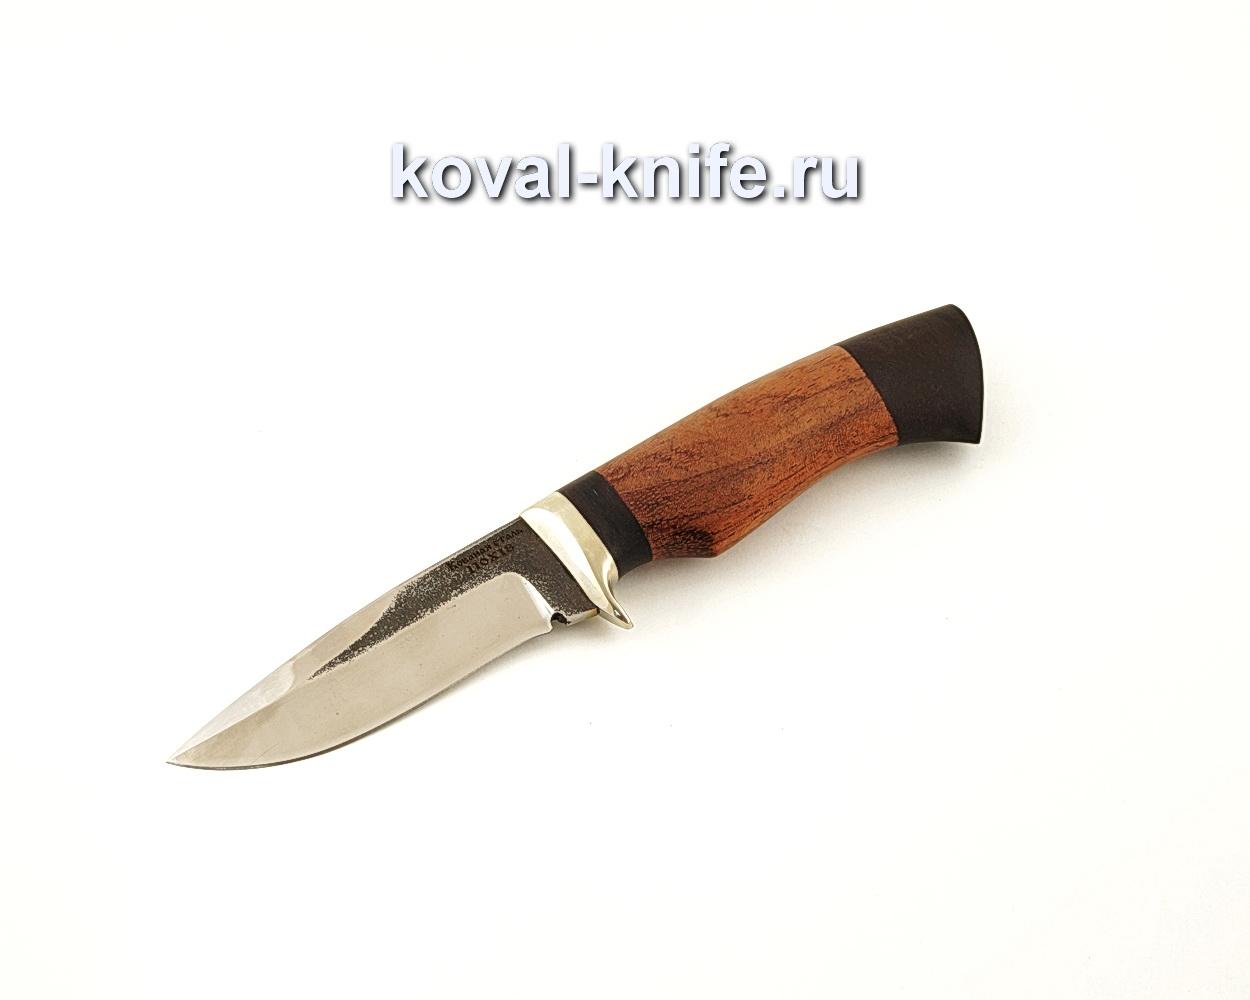 Нож Сапсан из нержавеющей стали 110Х18 с рукоятью из бубинги и граба  A657